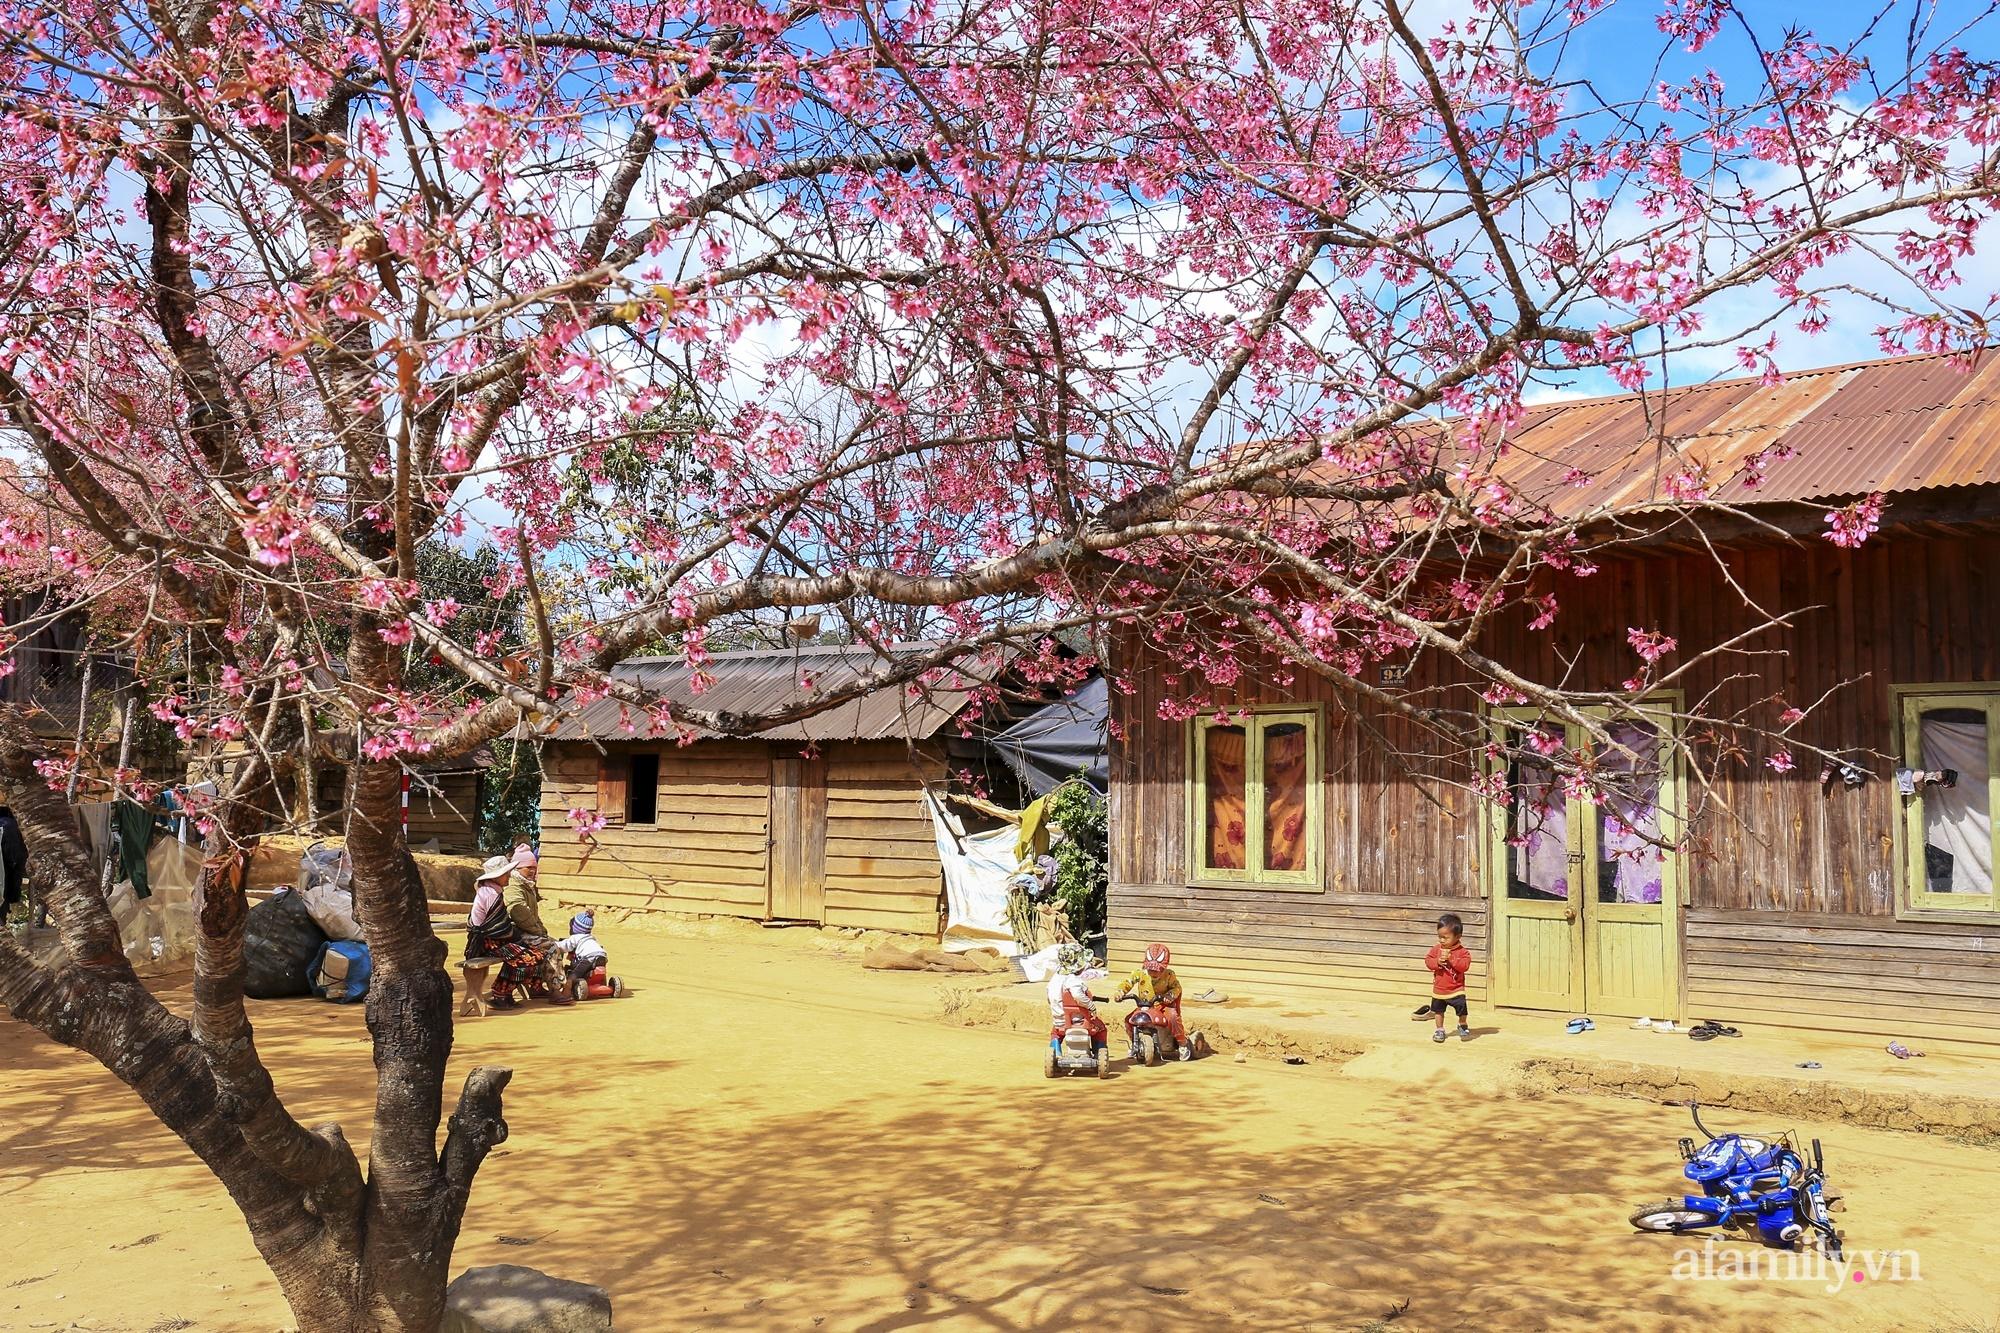 Ngắm hoa mai anh đào nở rợp trời ở ngôi làng đẹp lạ như Tây Tạng, nằm ngay gần trung tâm TP. Đà Lạt mà không phải ai cũng biết - Ảnh 5.